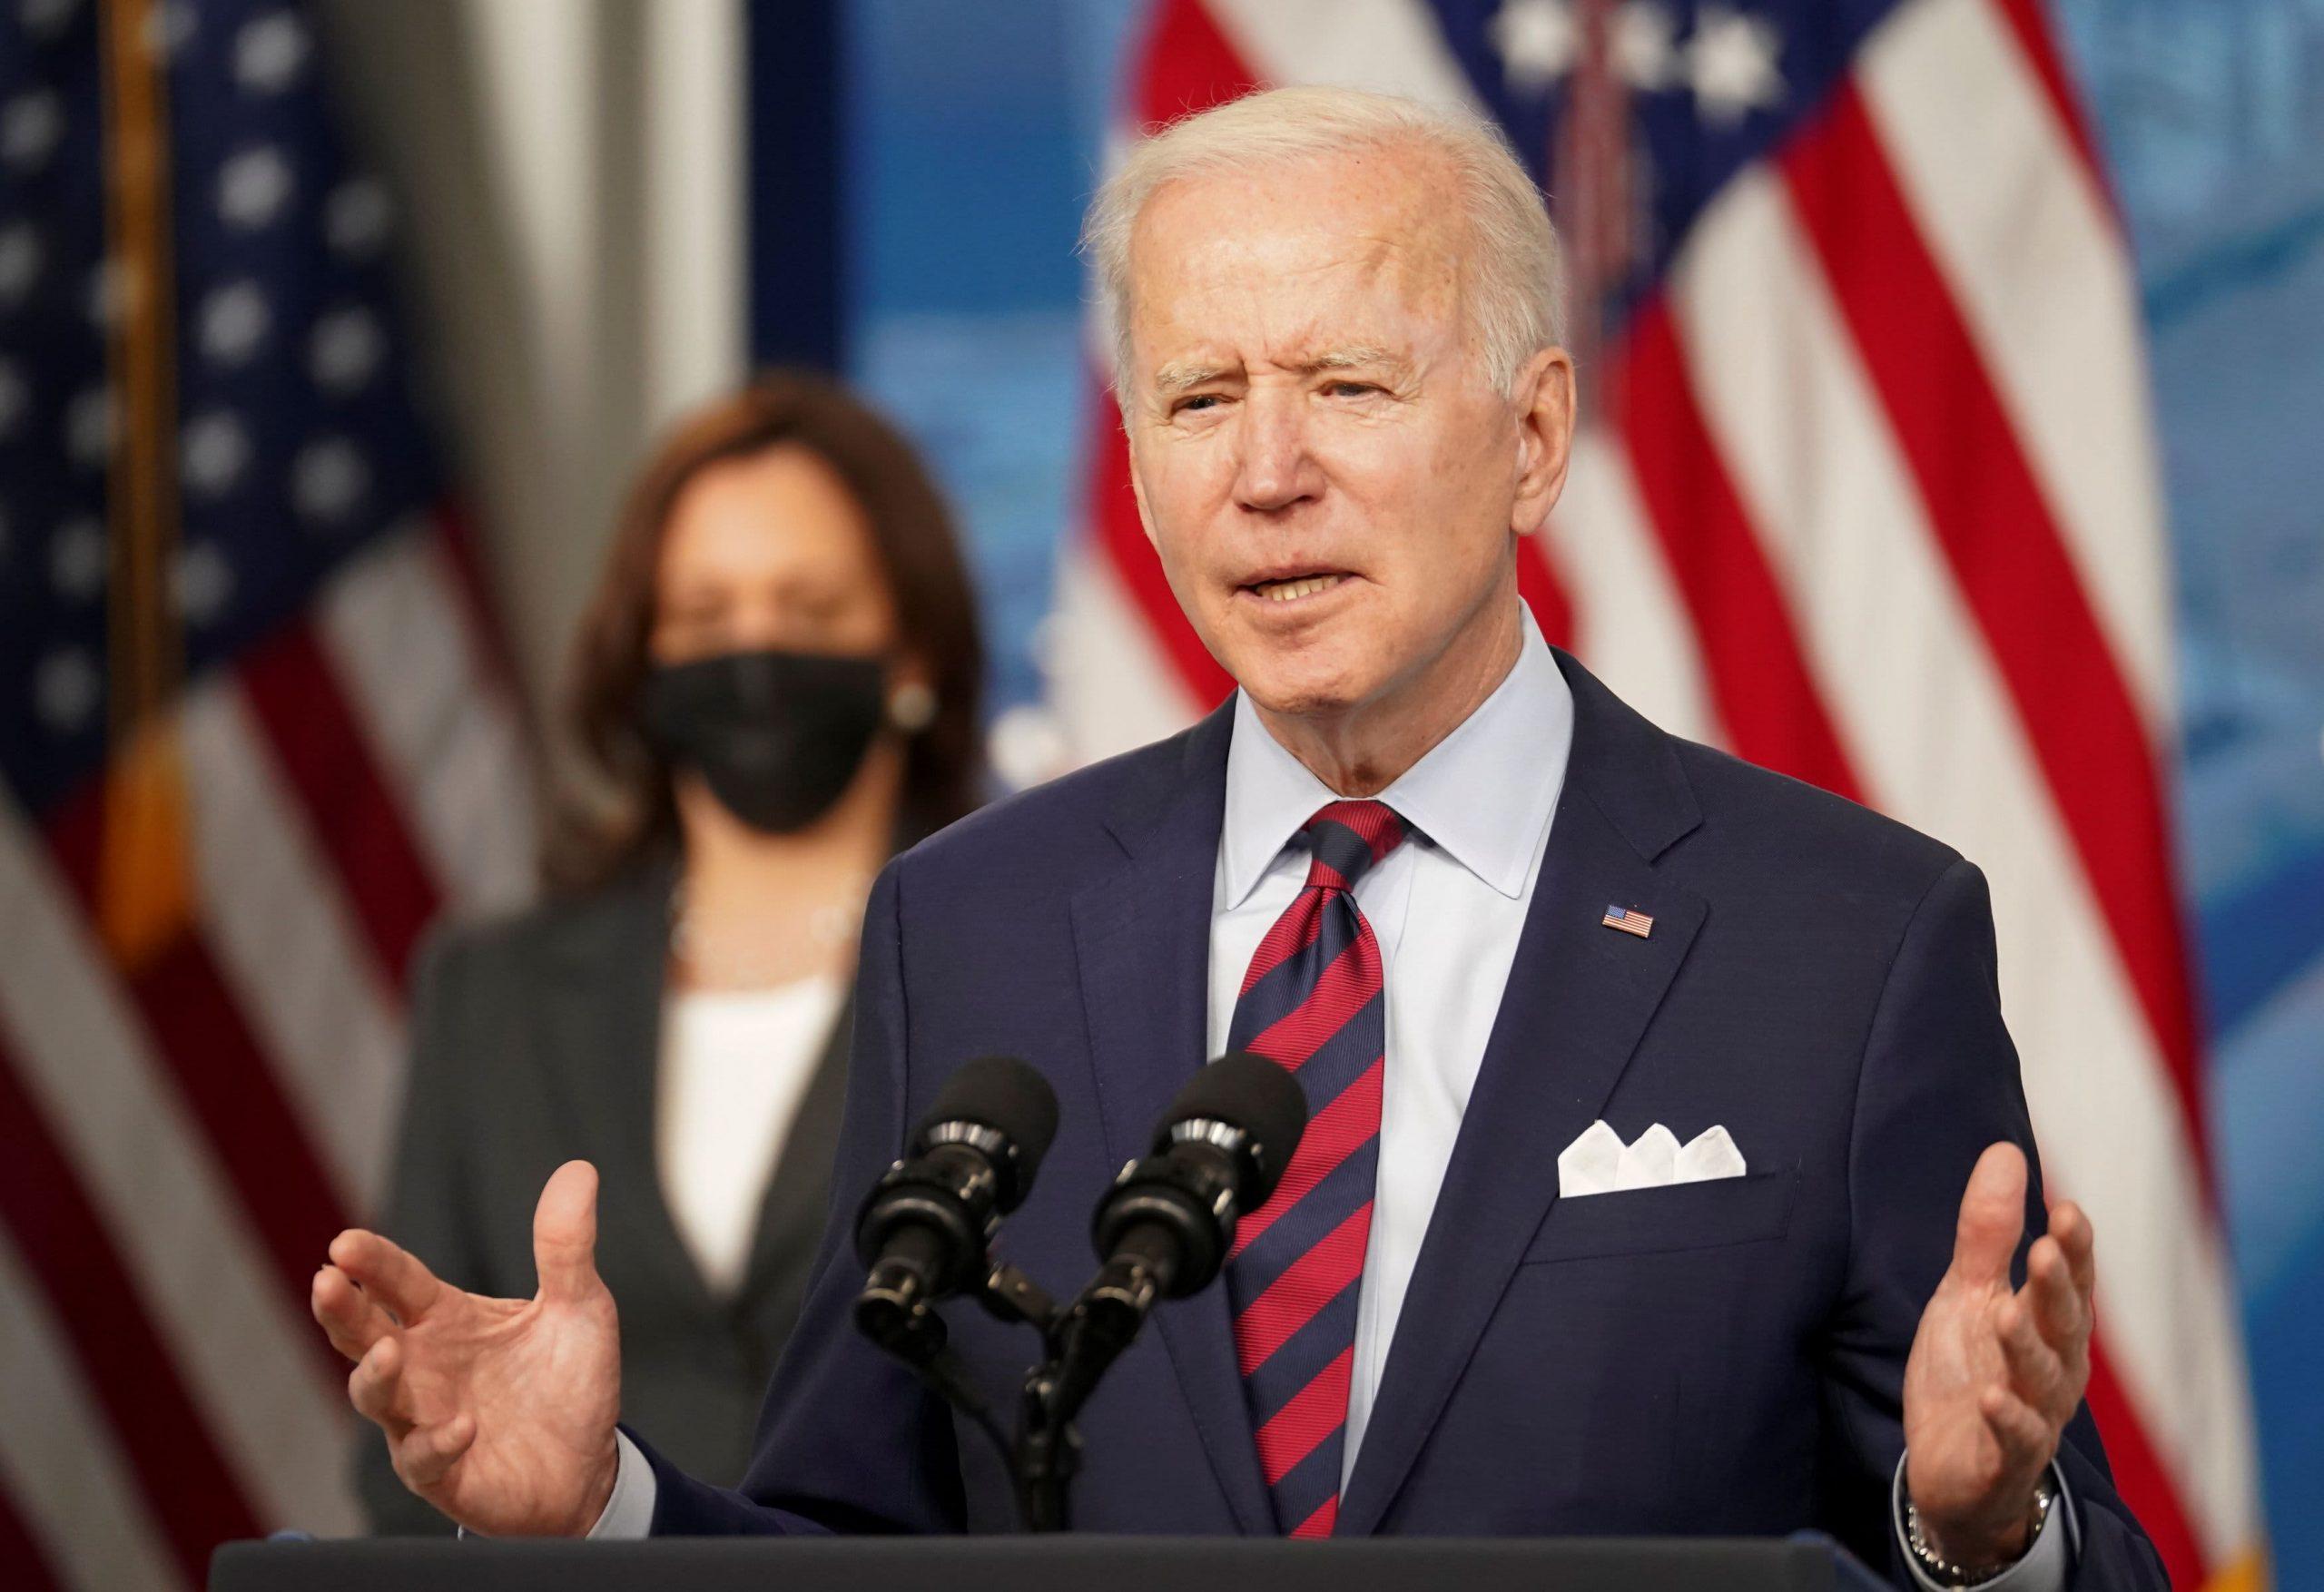 Biden propondrá un impuesto a las ganancias de capital del 39,6% para financiar la educación y el cuidado infantil, dicen los informes